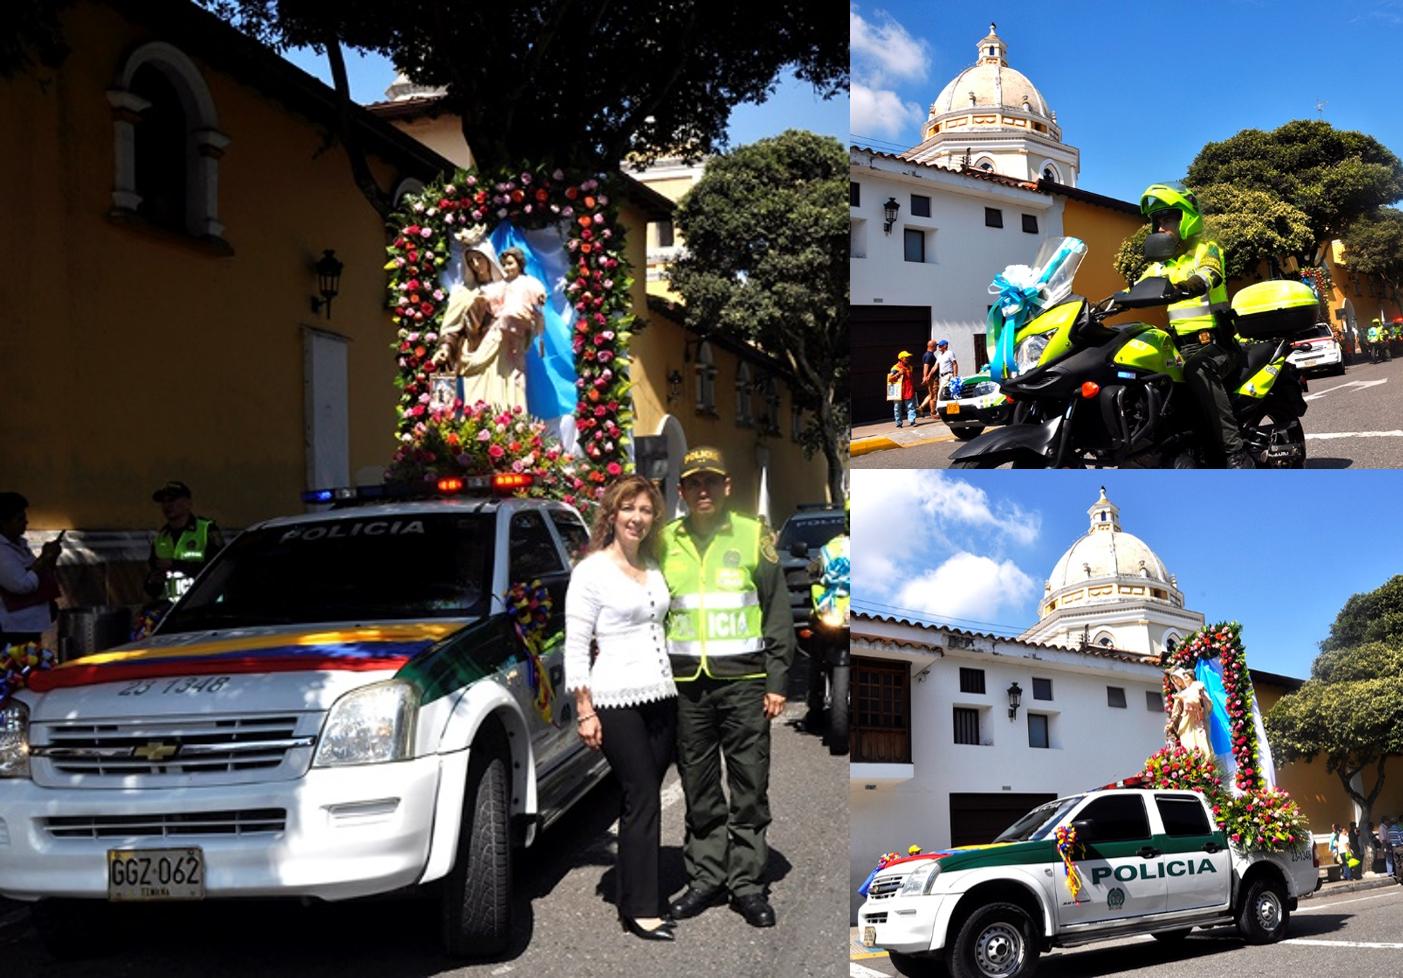 La Policía abrió la celebración del Día de la Virgen del Carmen  | EL FRENTE